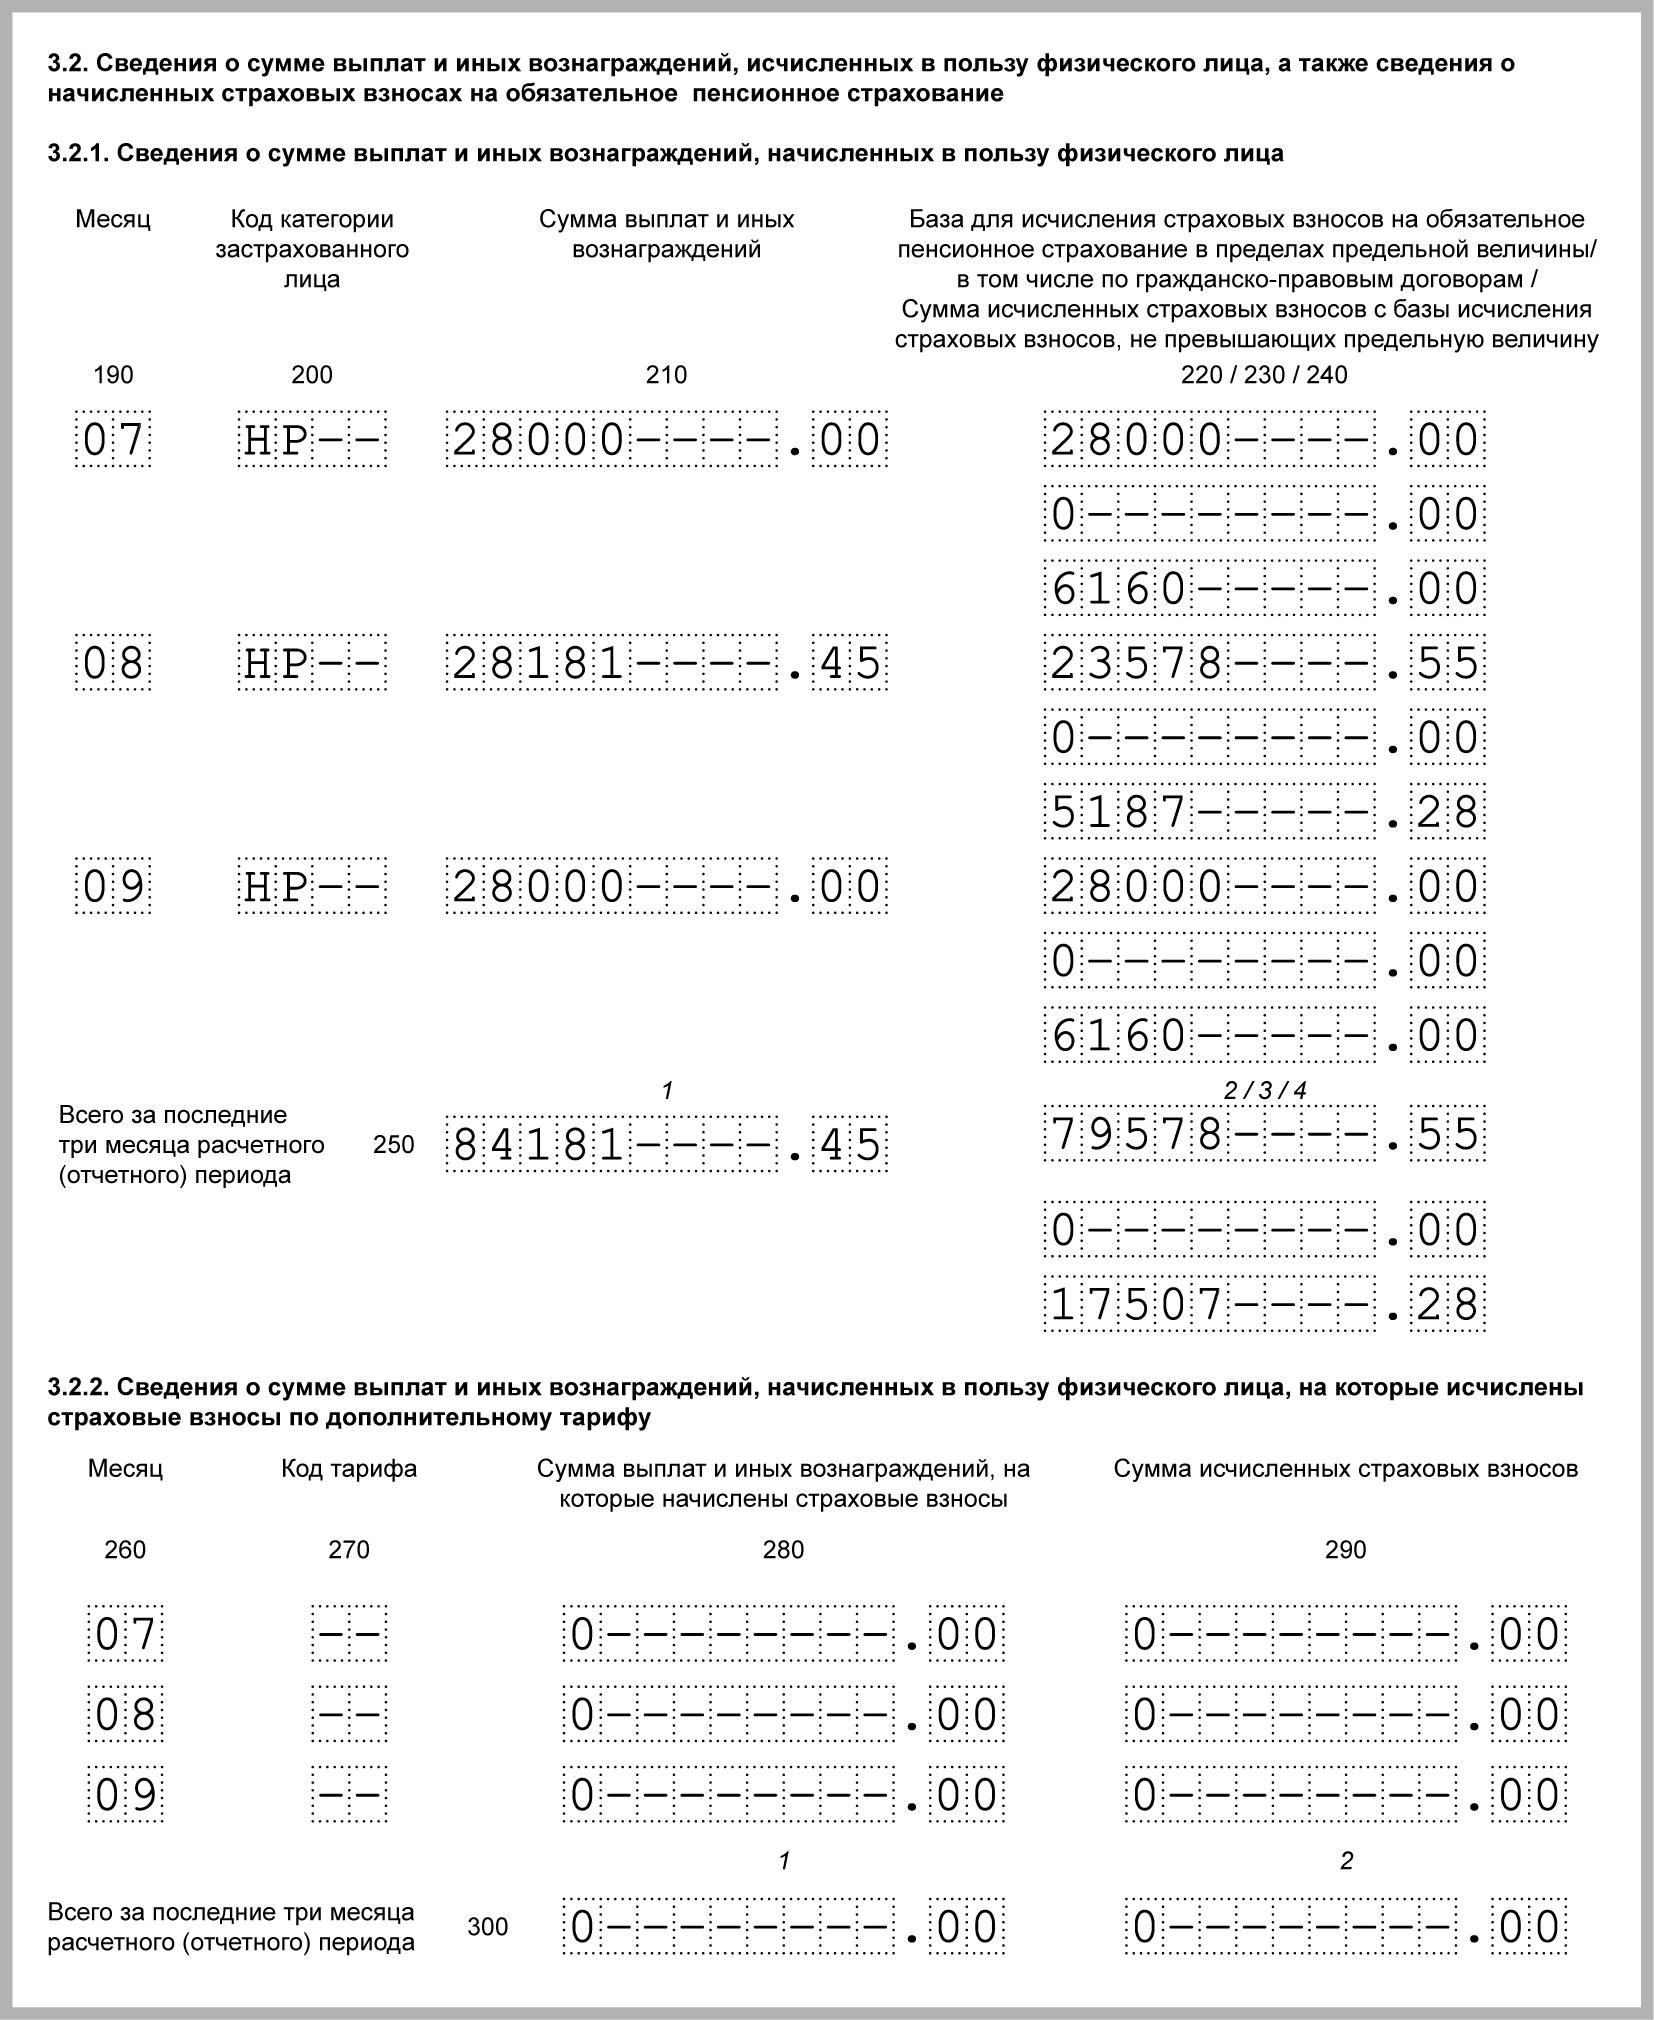 порядок расчета по бюджетных картам